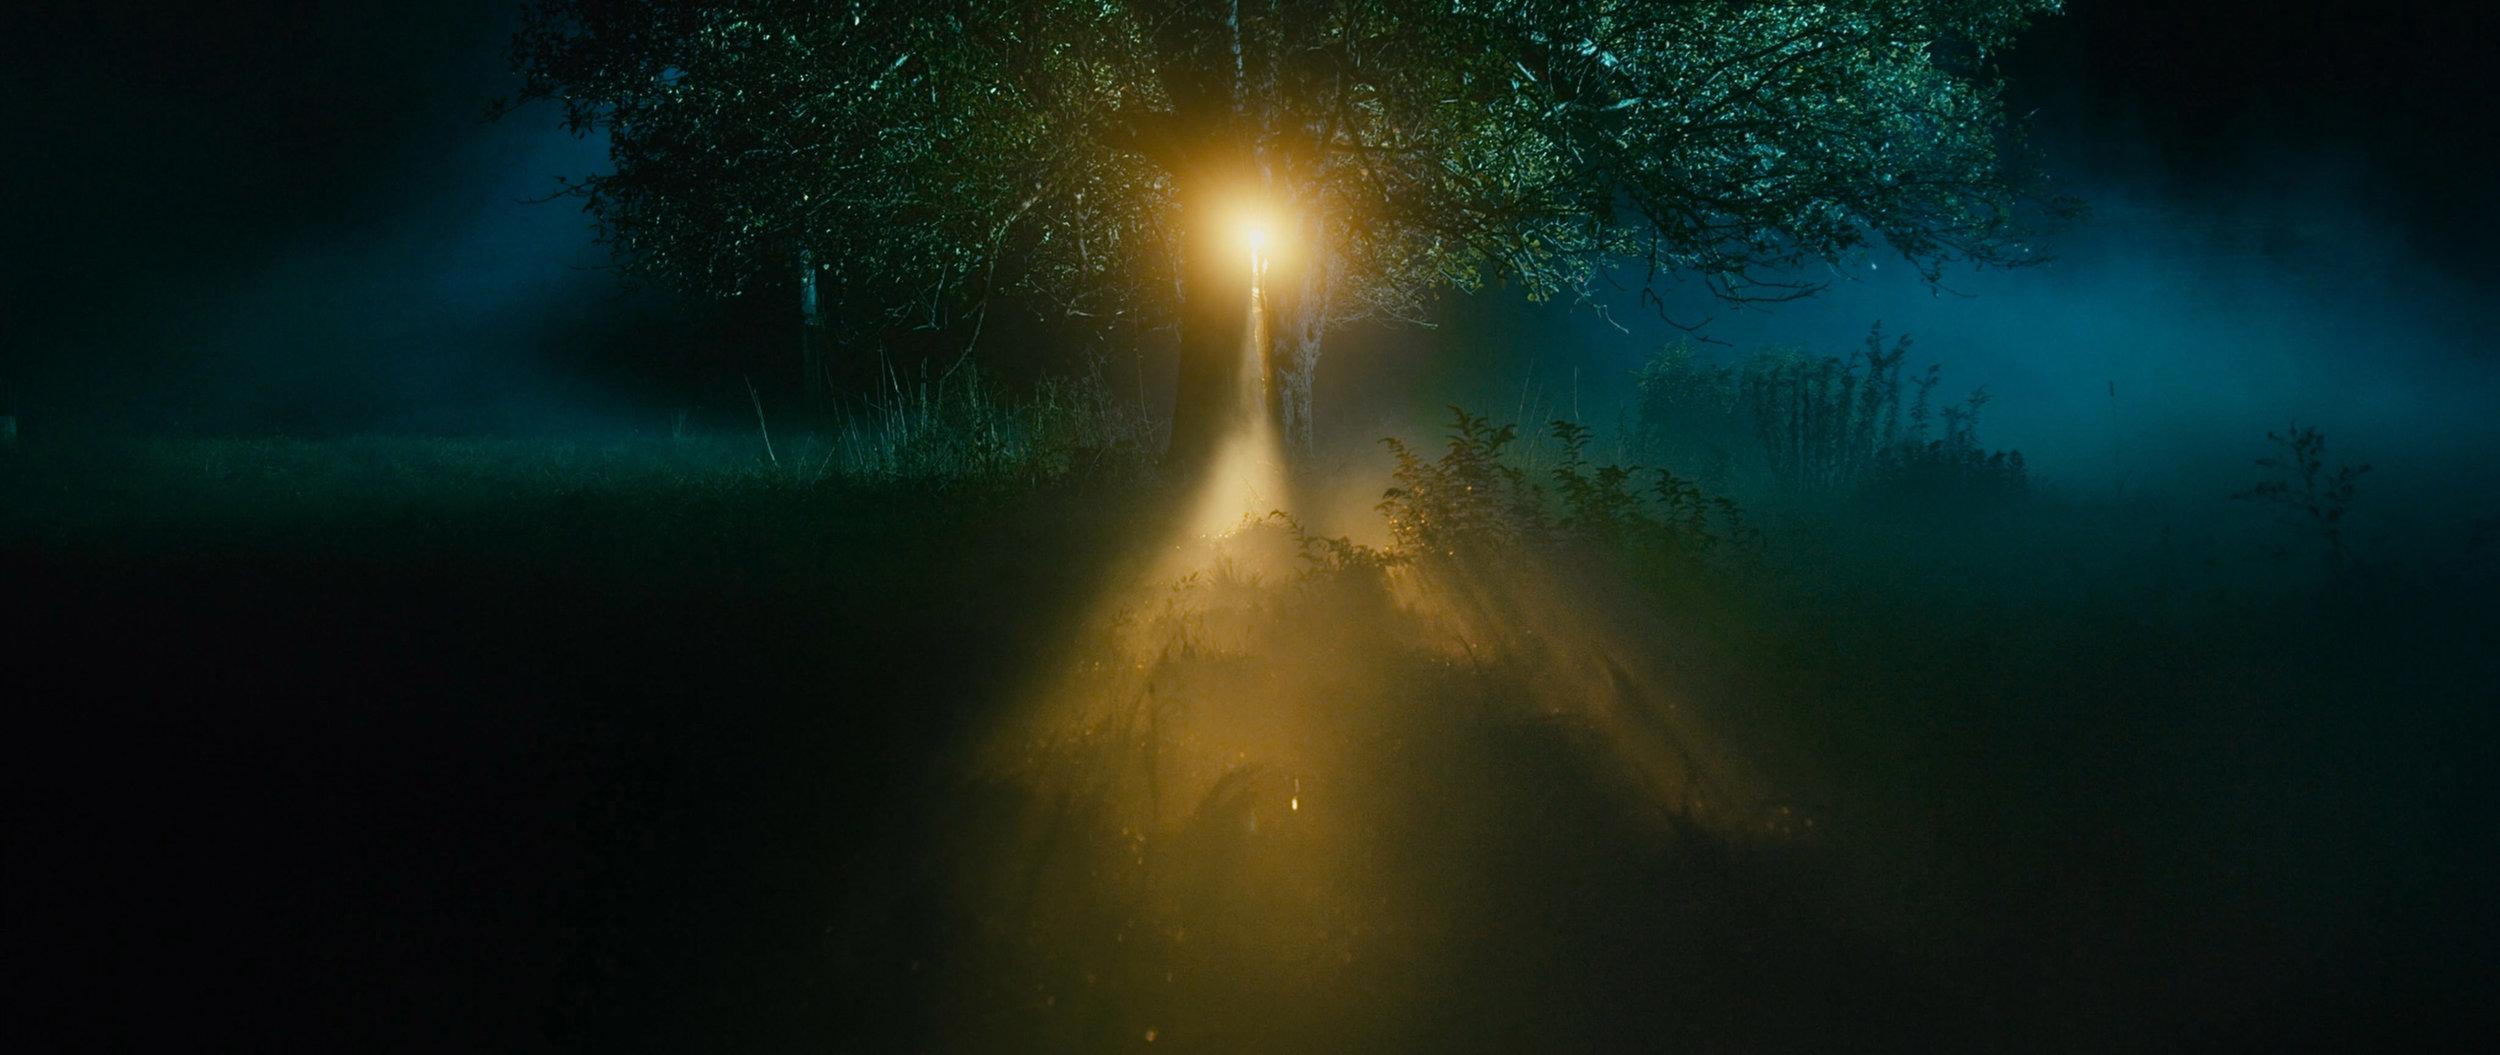 10_Tim_Sessler_THE LIGHT_4K_2.jpg